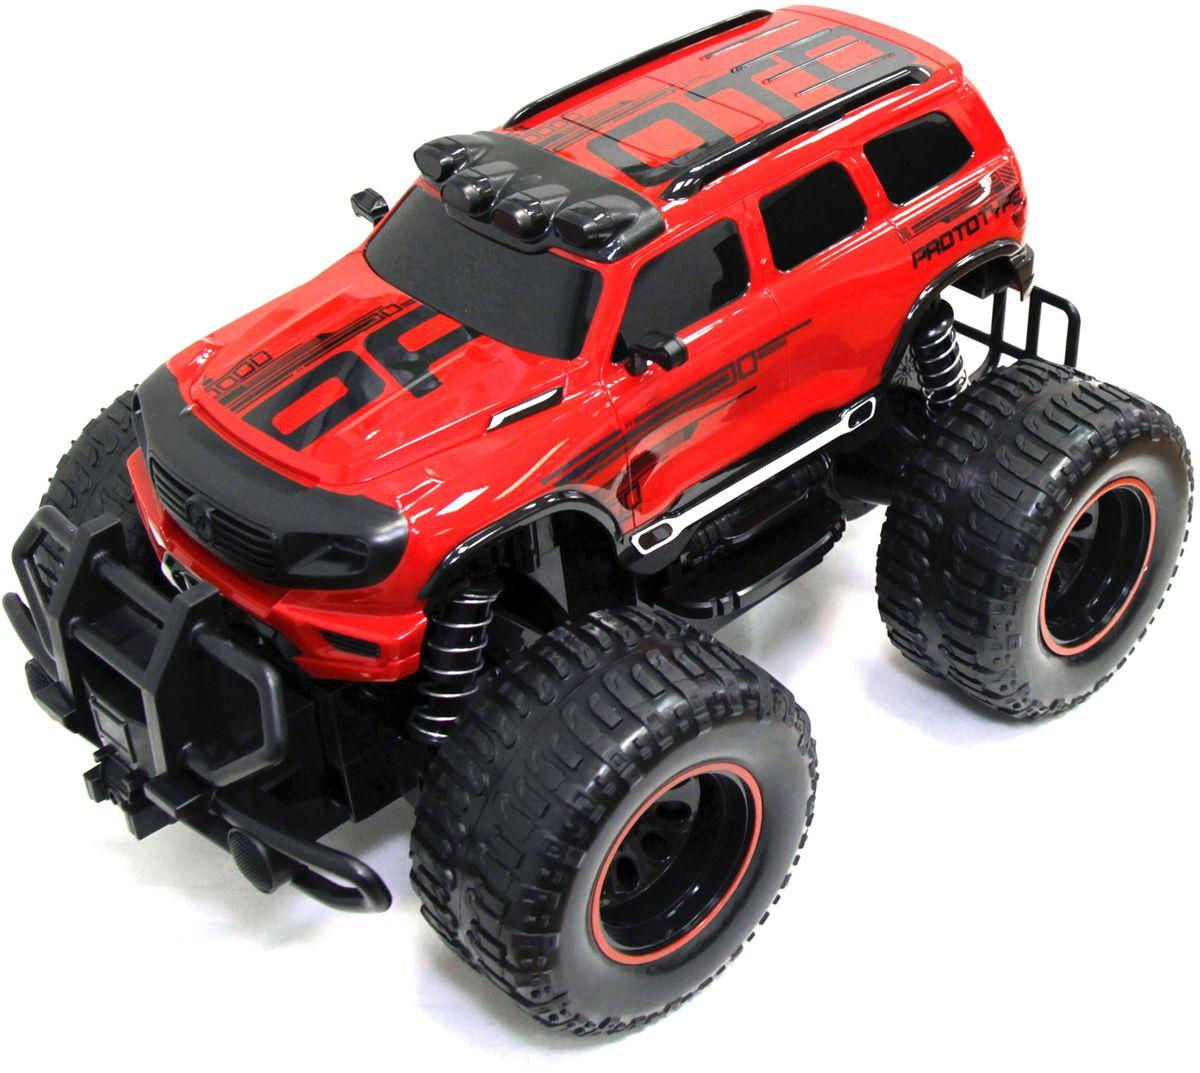 5bites Машинка на радиоуправлении Bazooka цвет красный RCC-BZ03RD